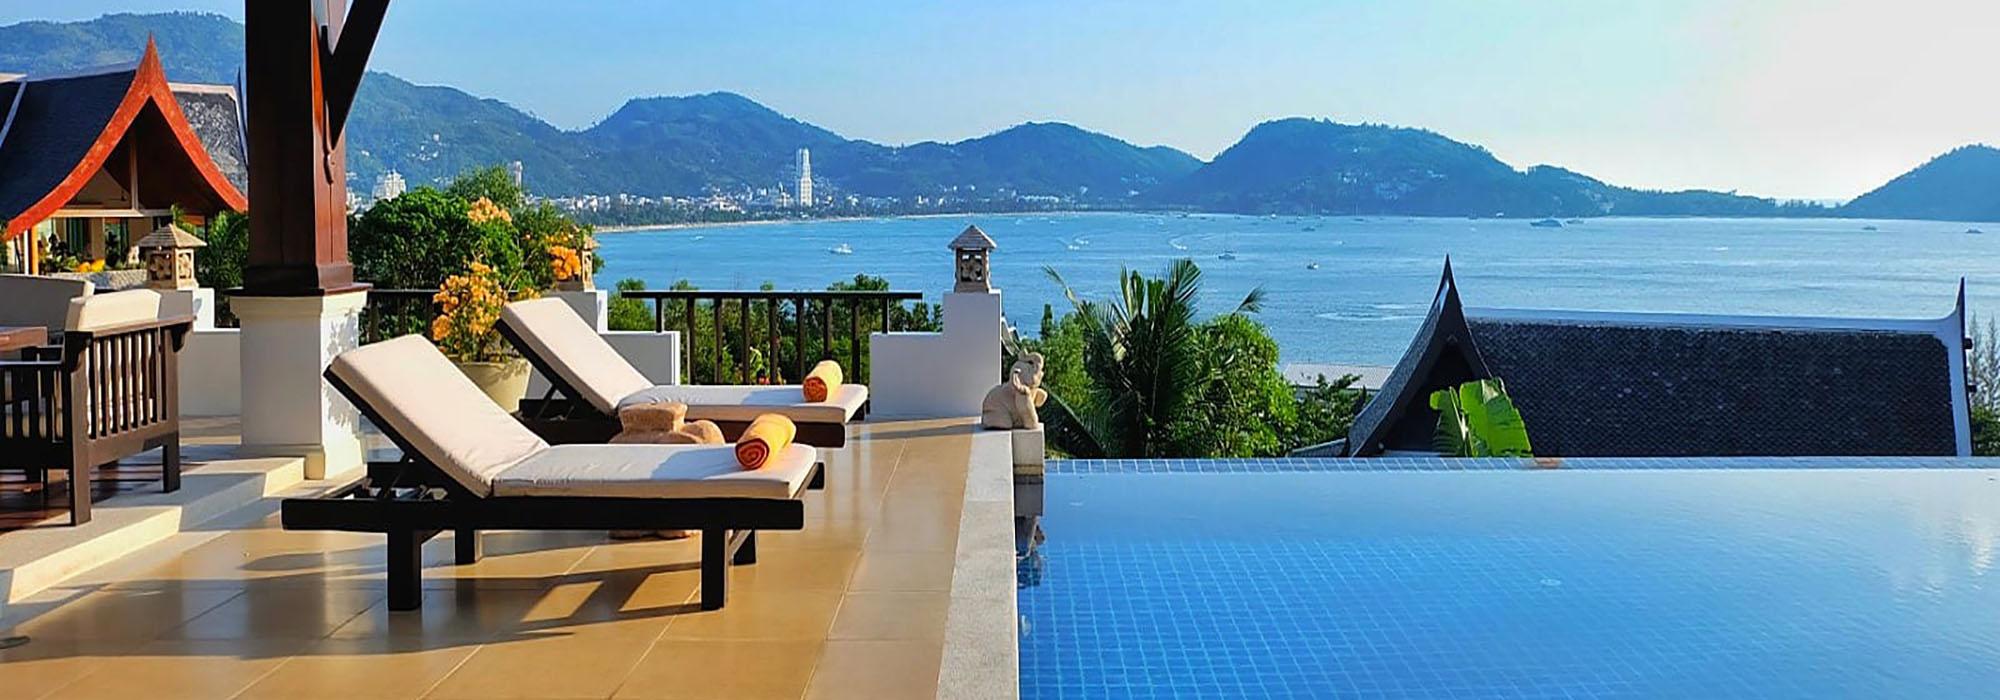 Seaview Villa for rent in Phuket